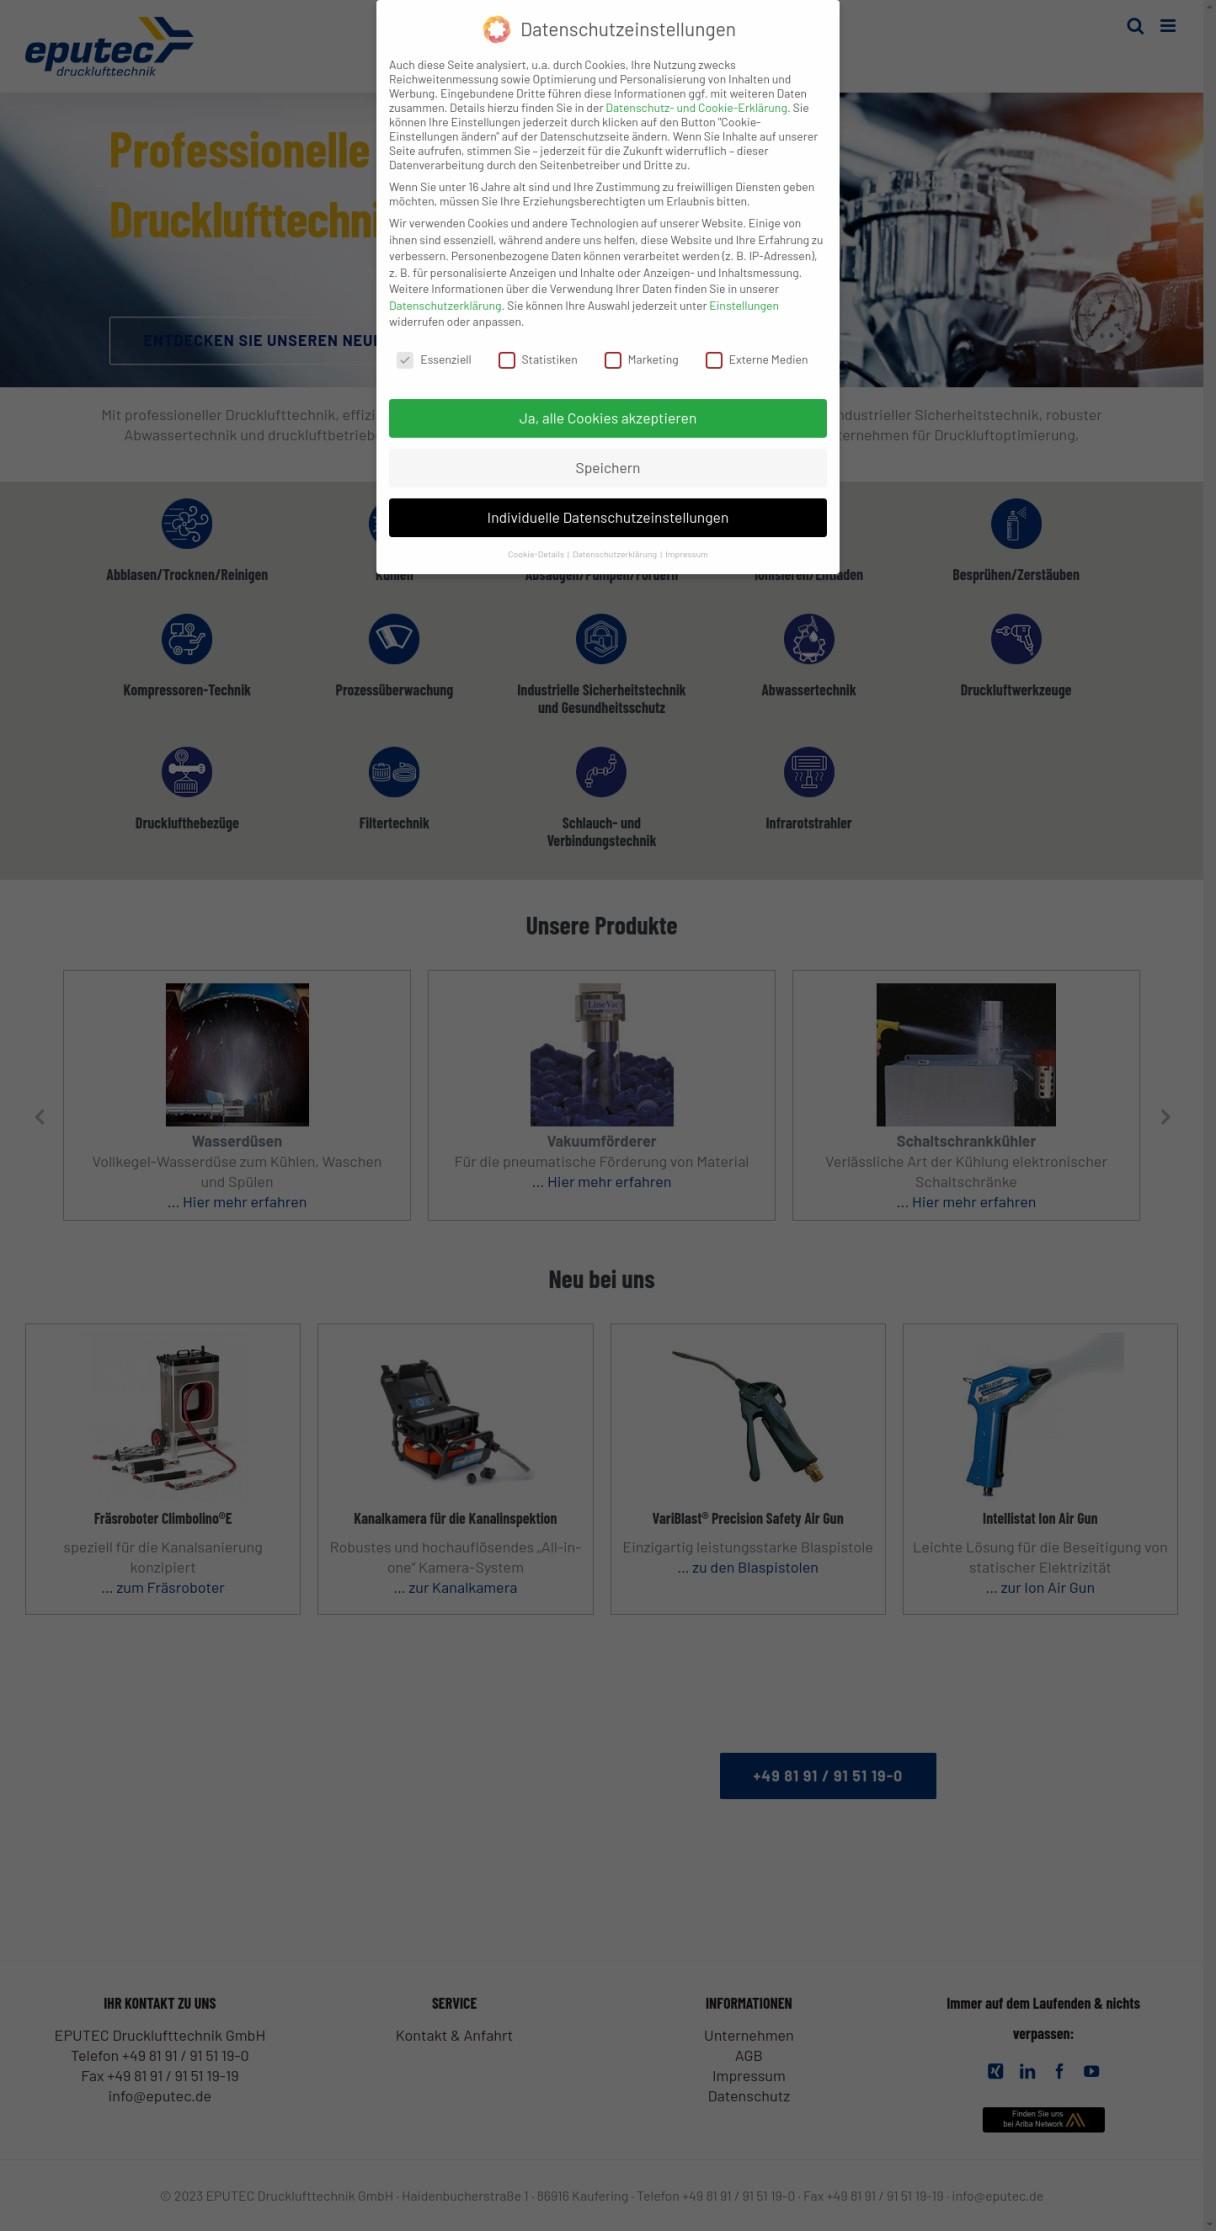 Drucklufttechnik von EPUTEC